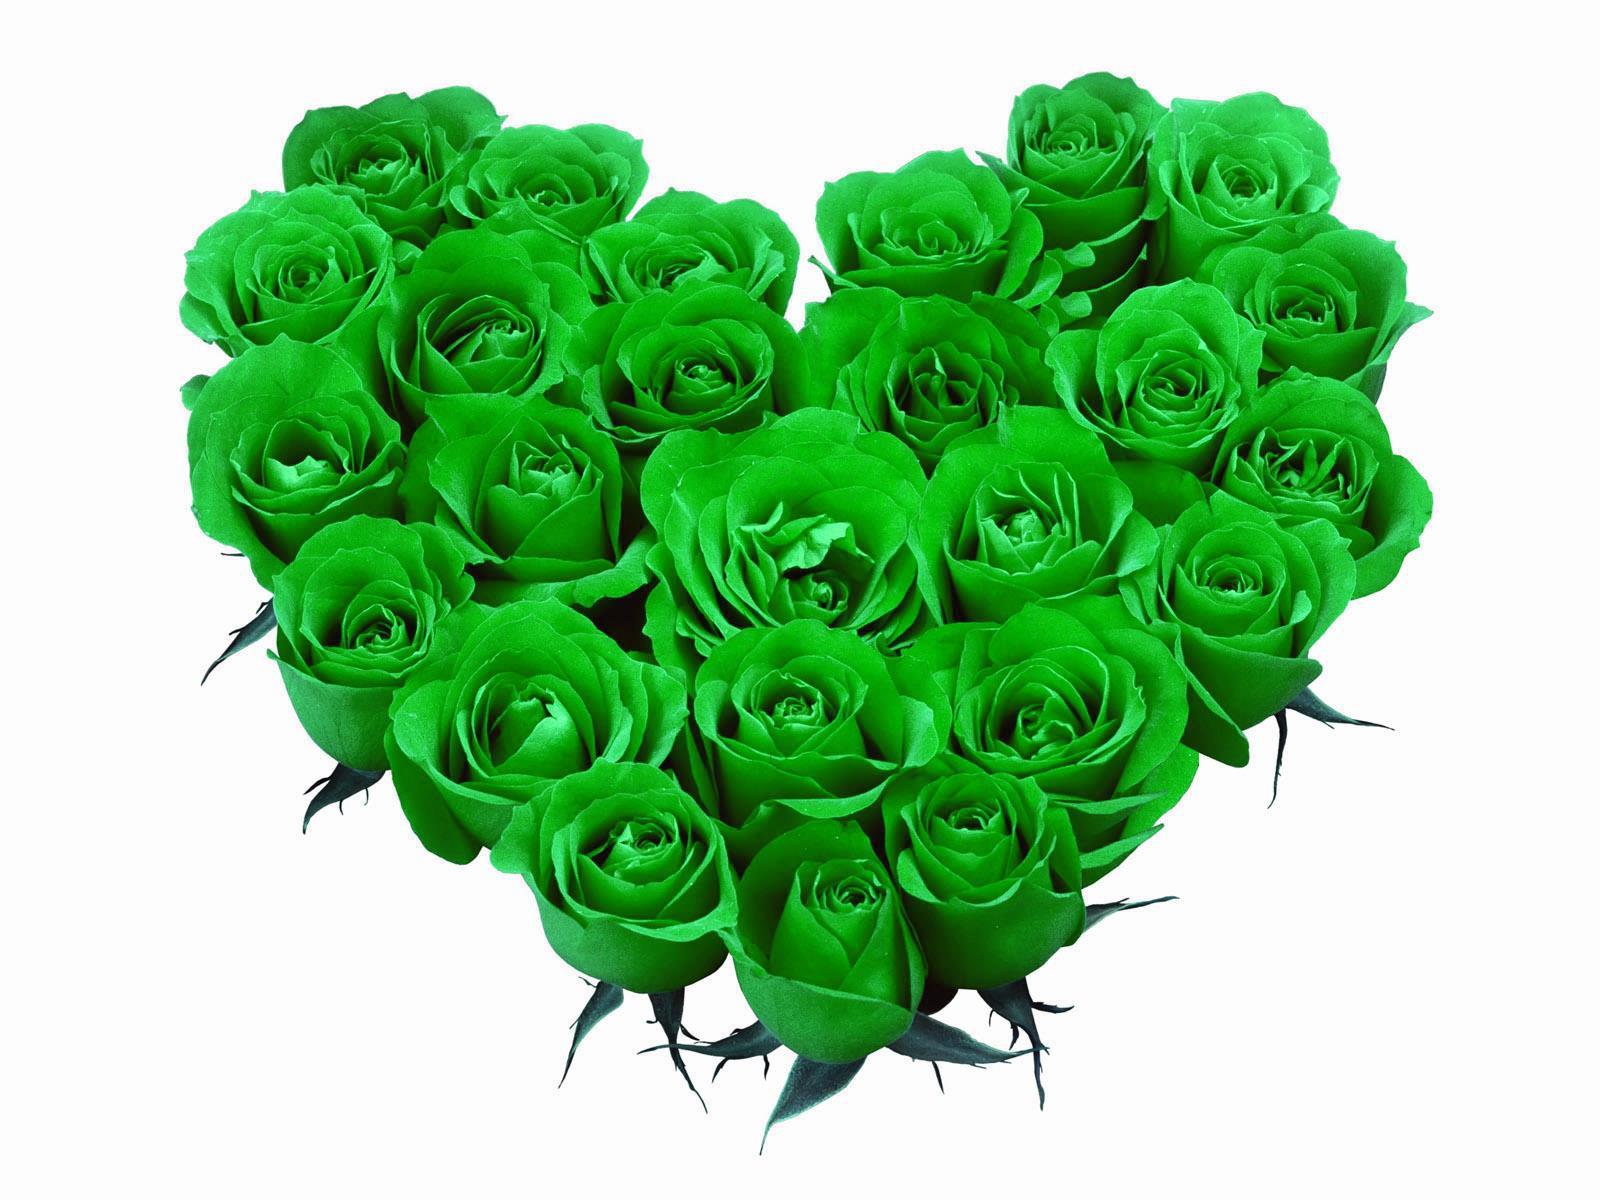 Ромашек столе, букет роз зеленых фото